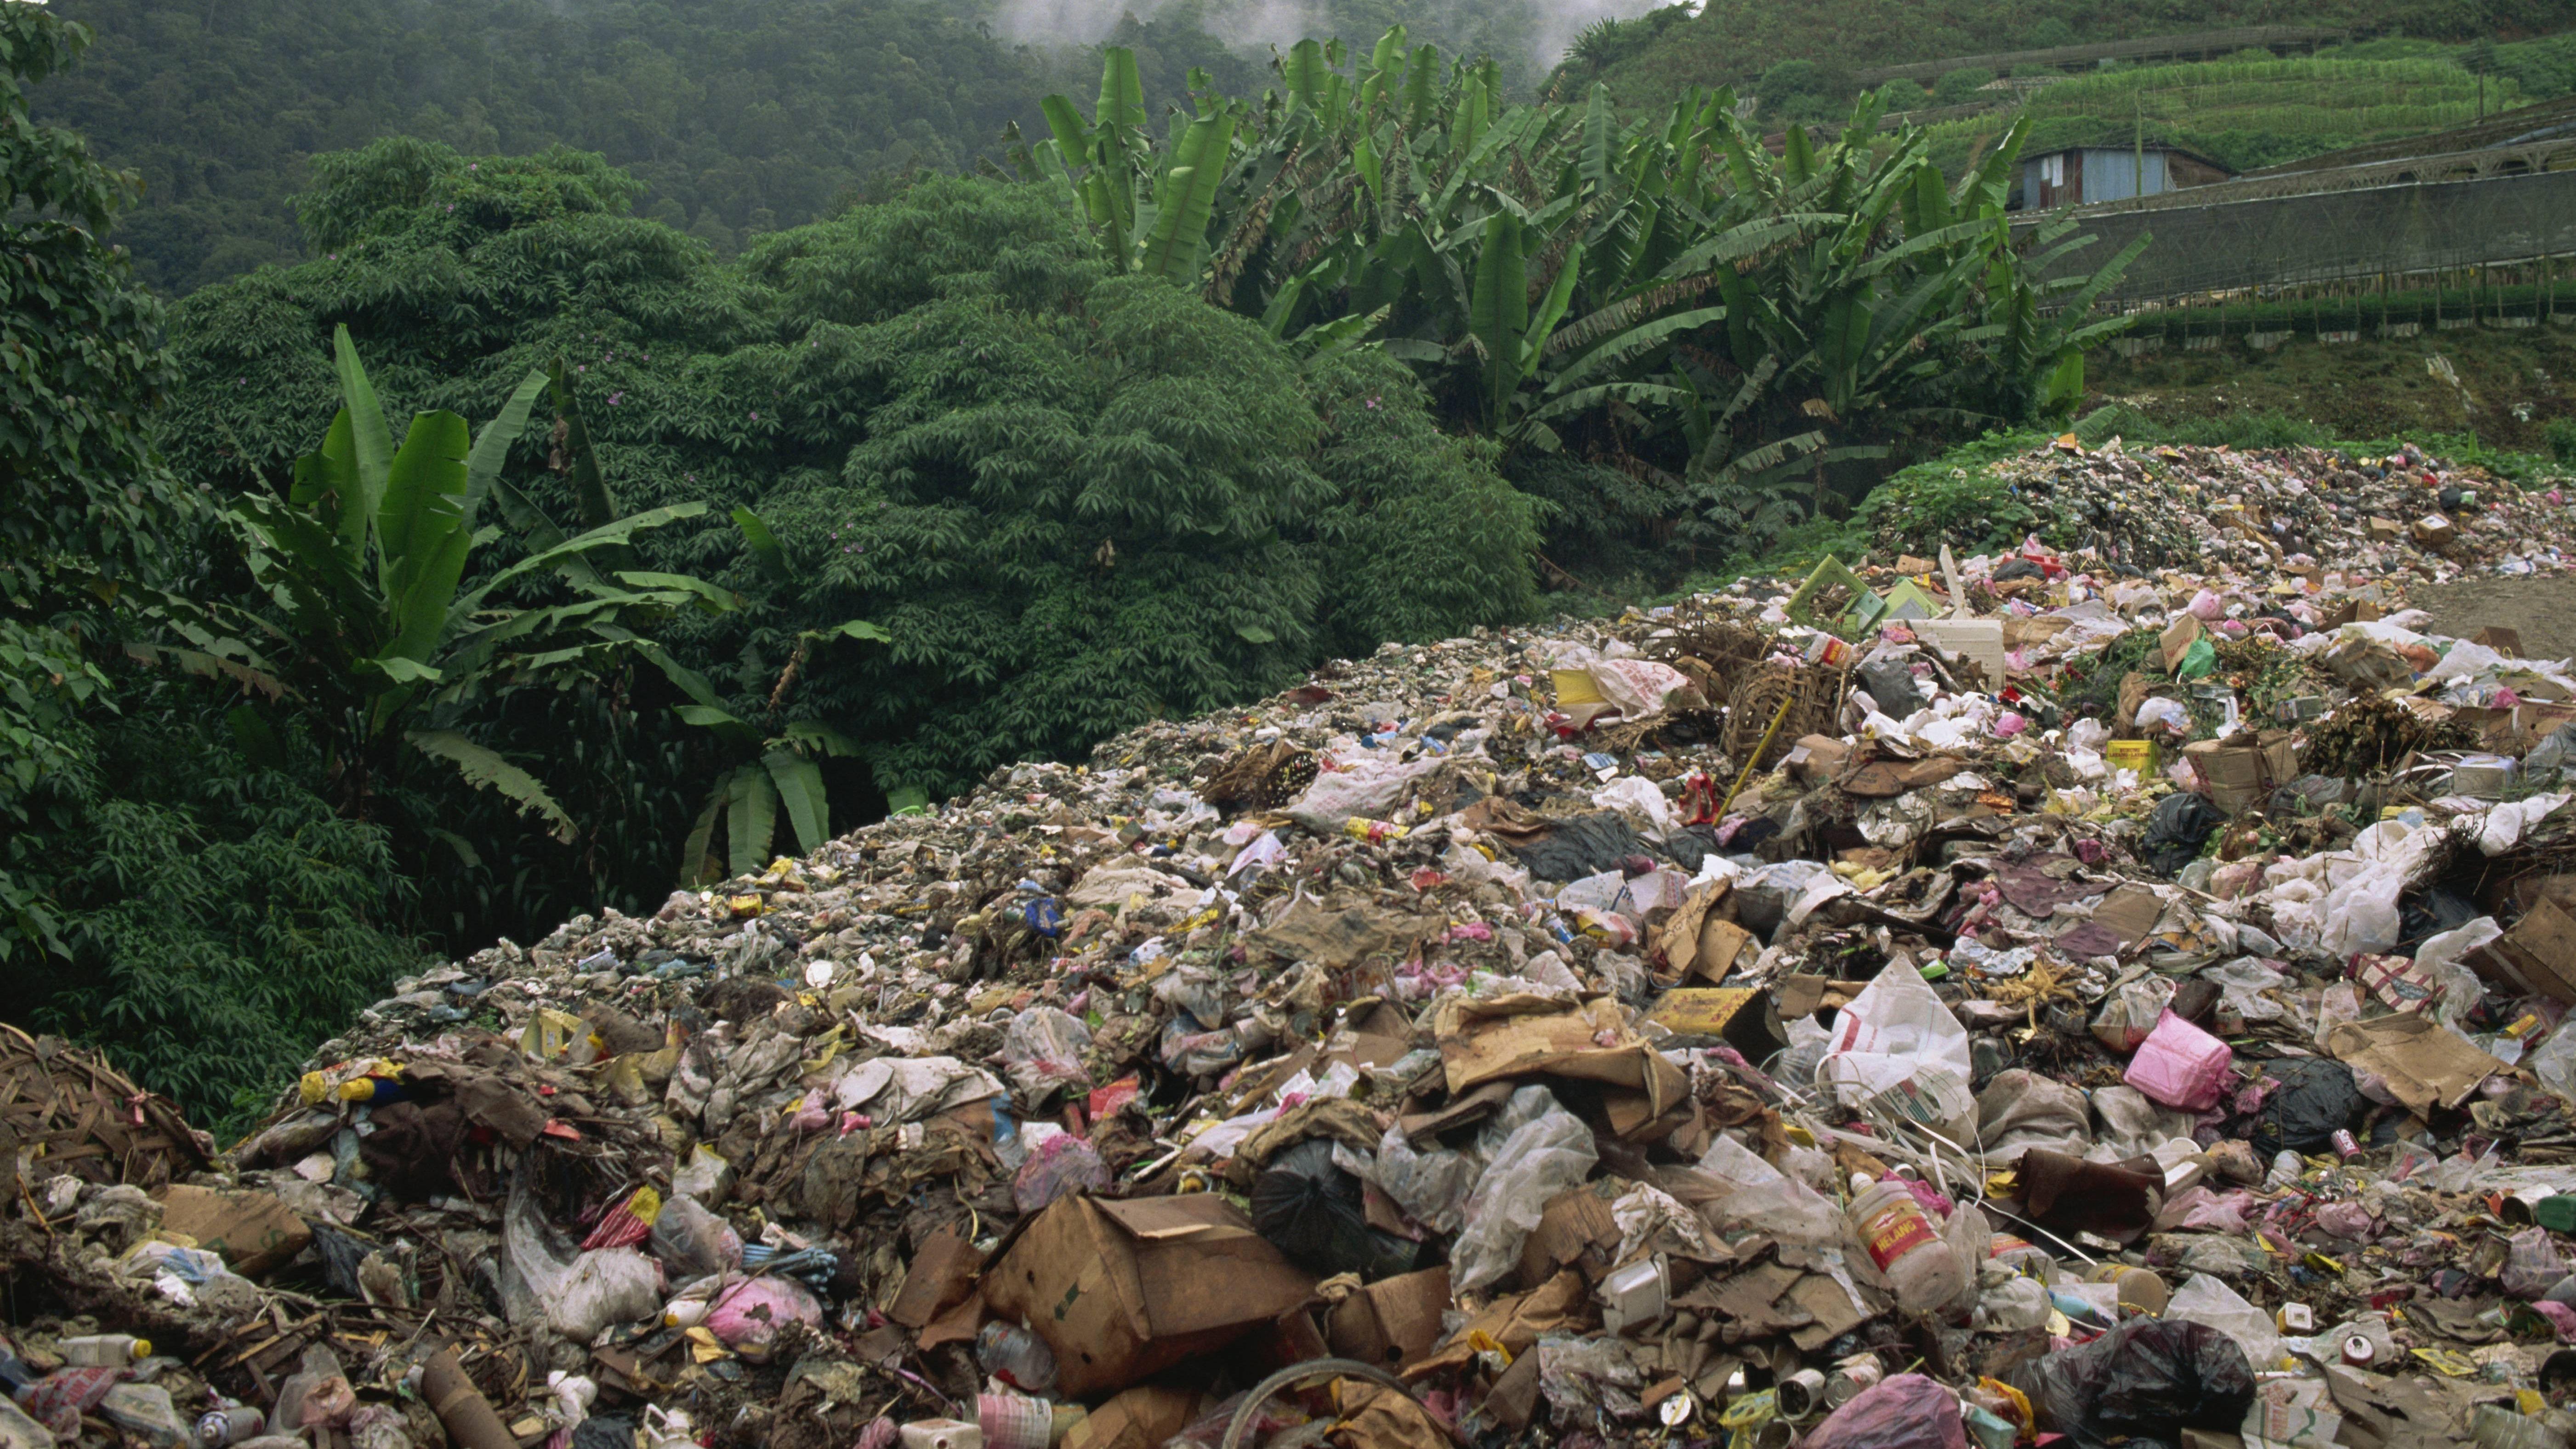 Müllhalde im Dschungel von Malaysia